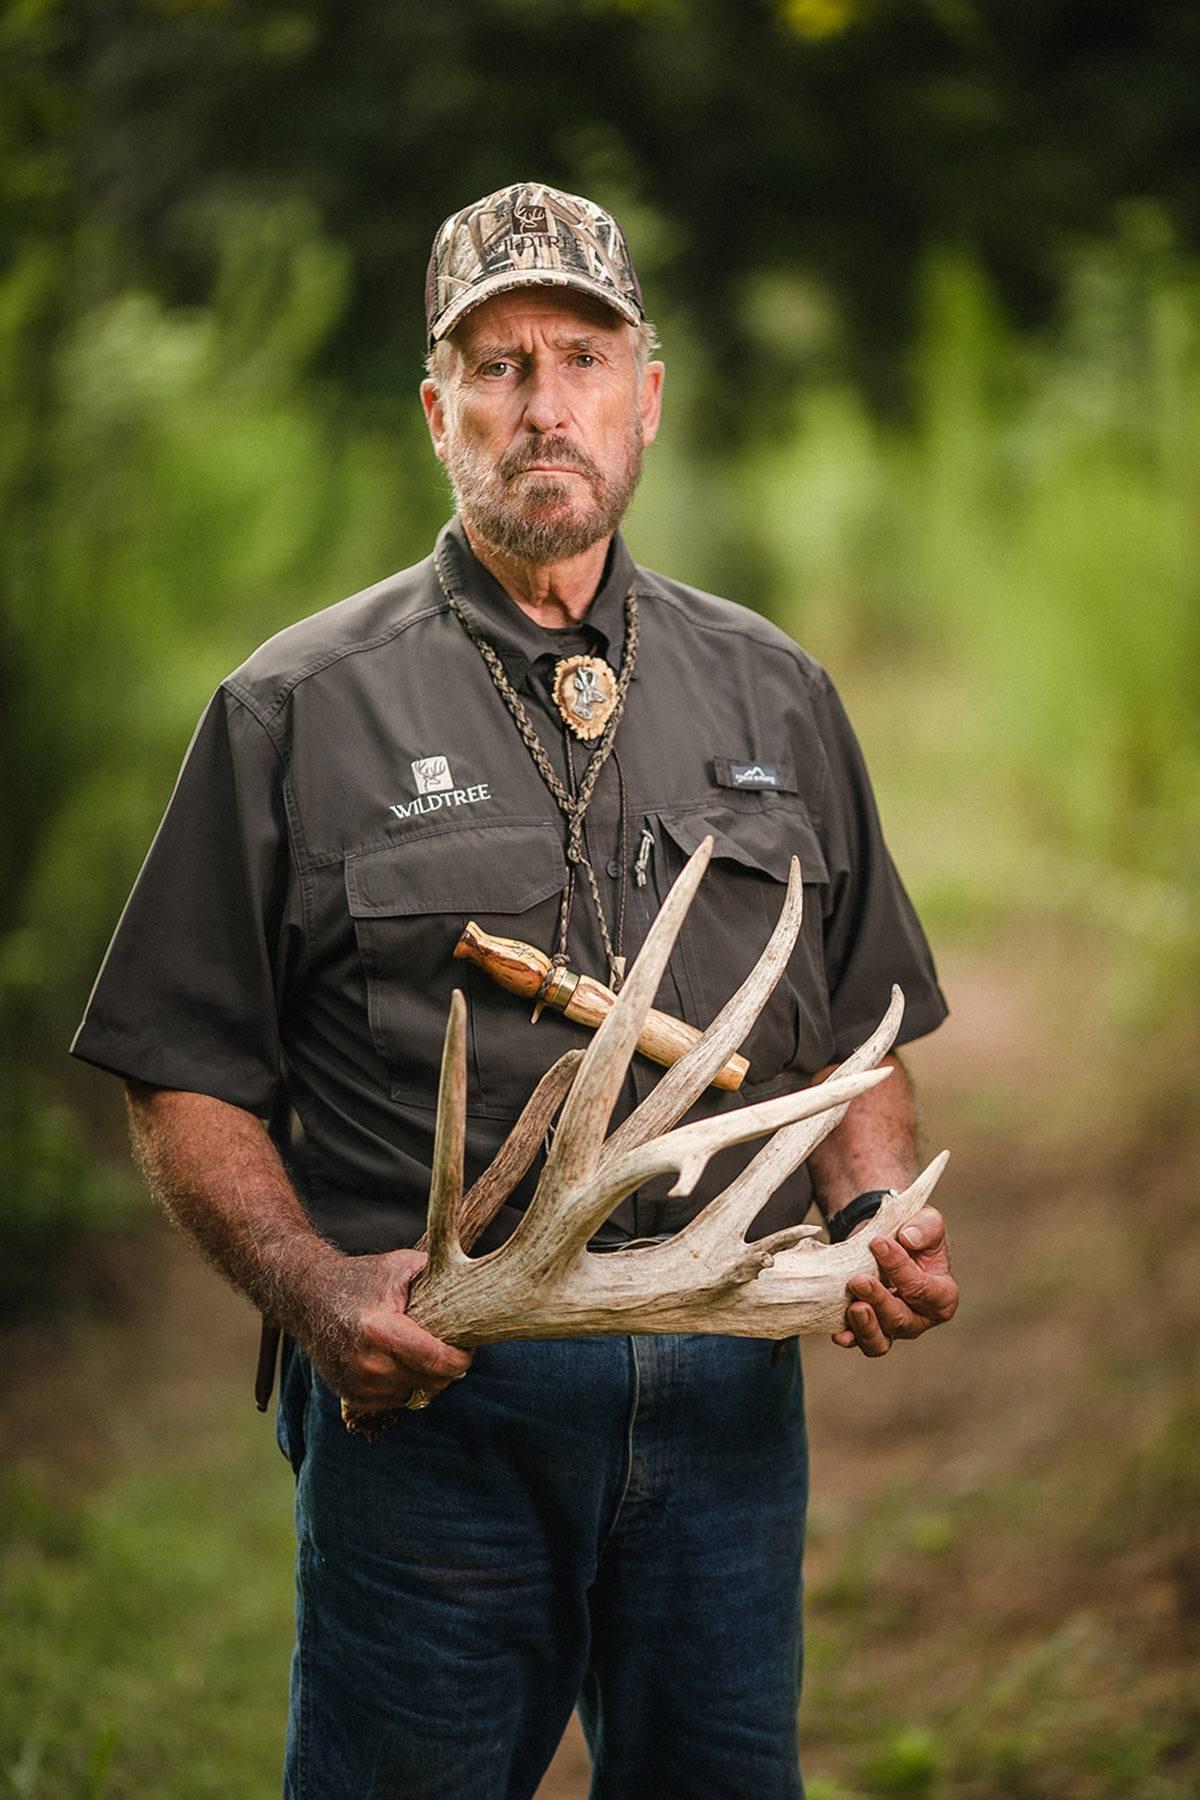 Dr. Deer holding an antler